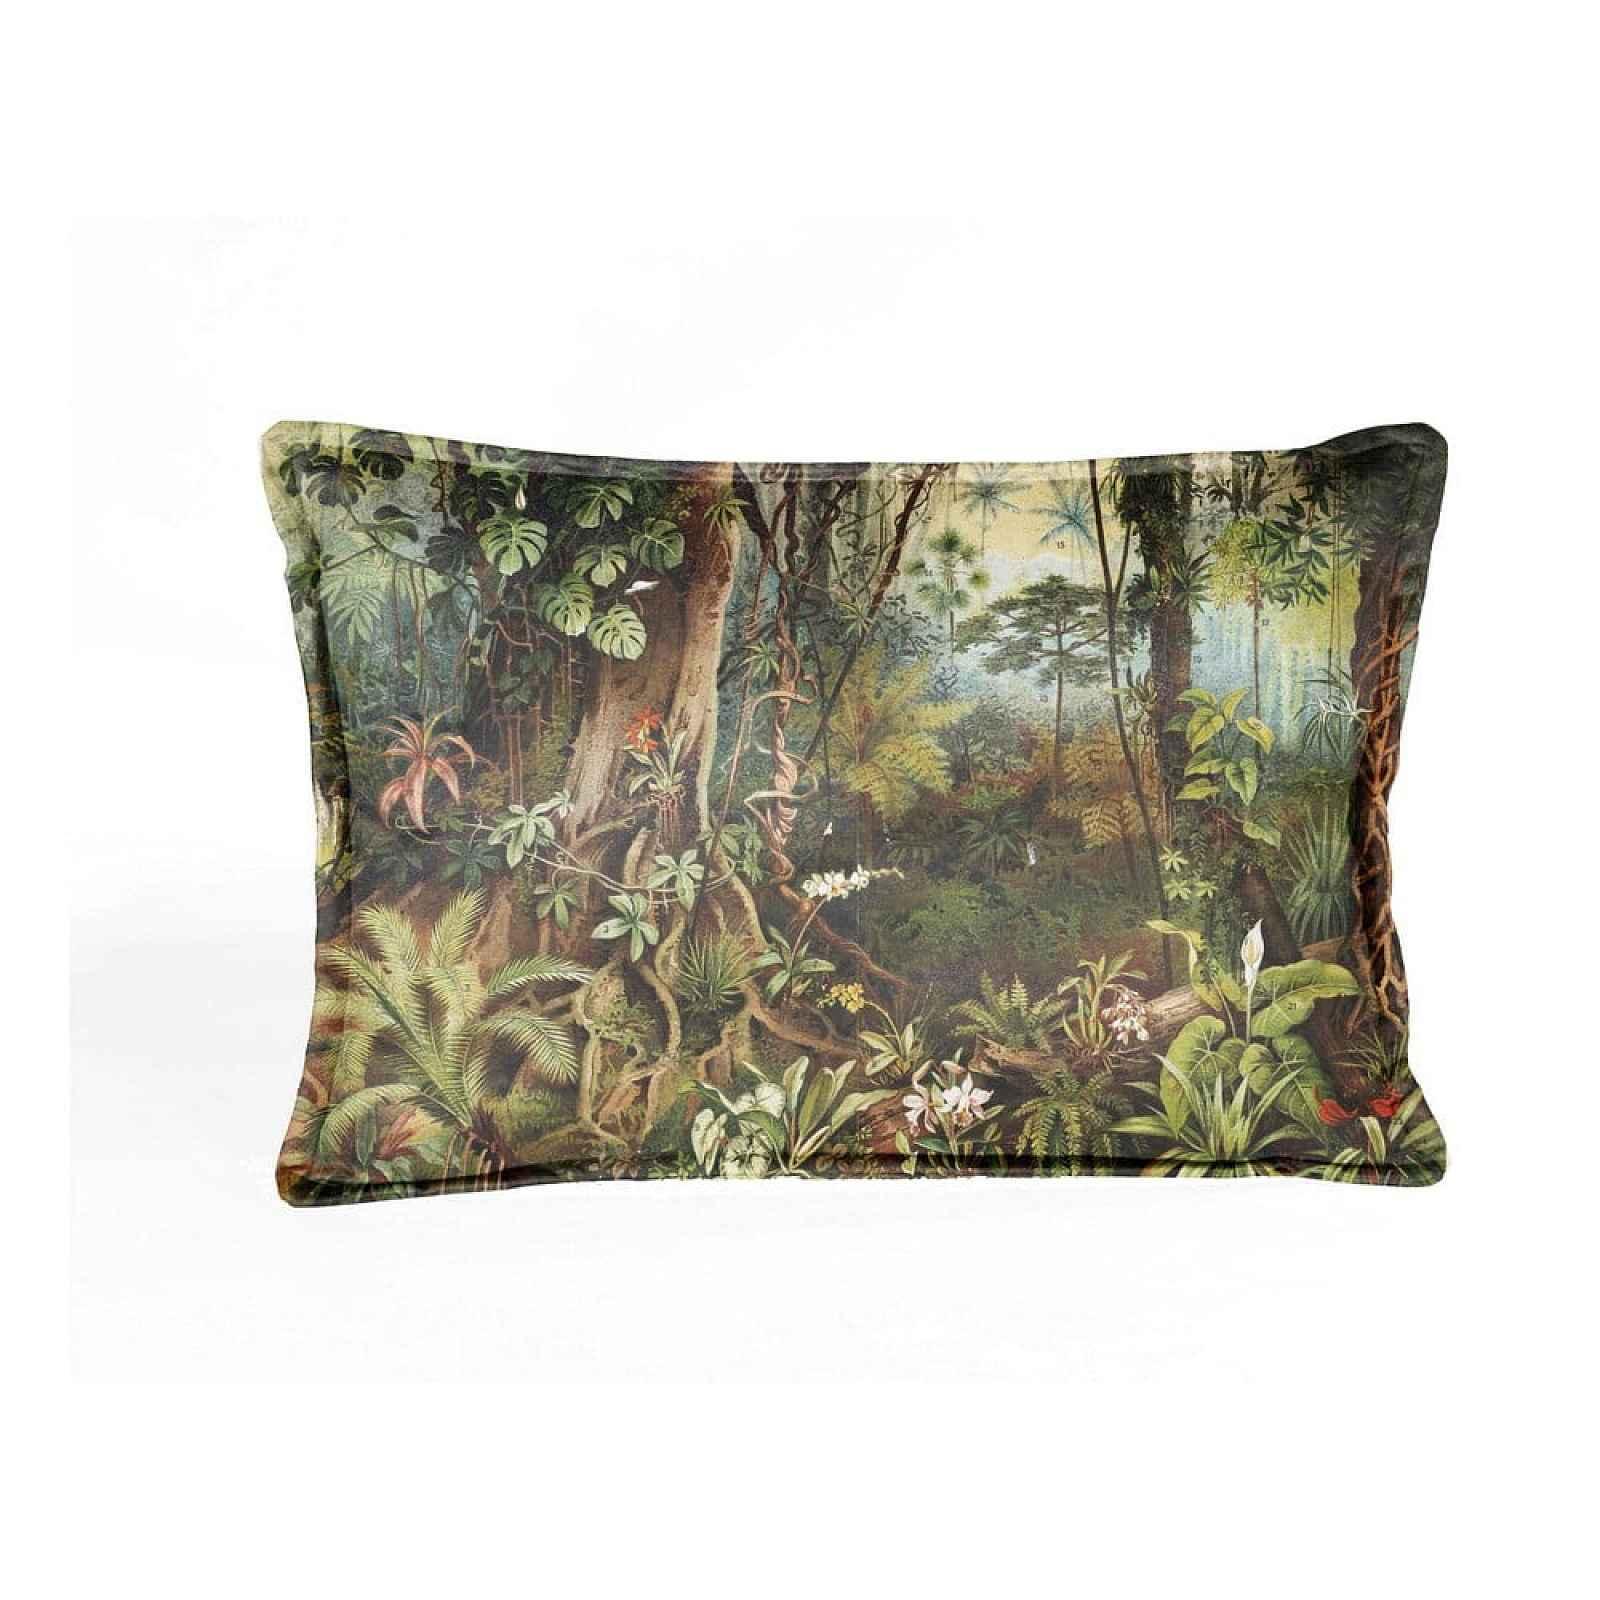 Hnědo-zelený sametový polštář Velvet Atelier Sabana,50x35cm